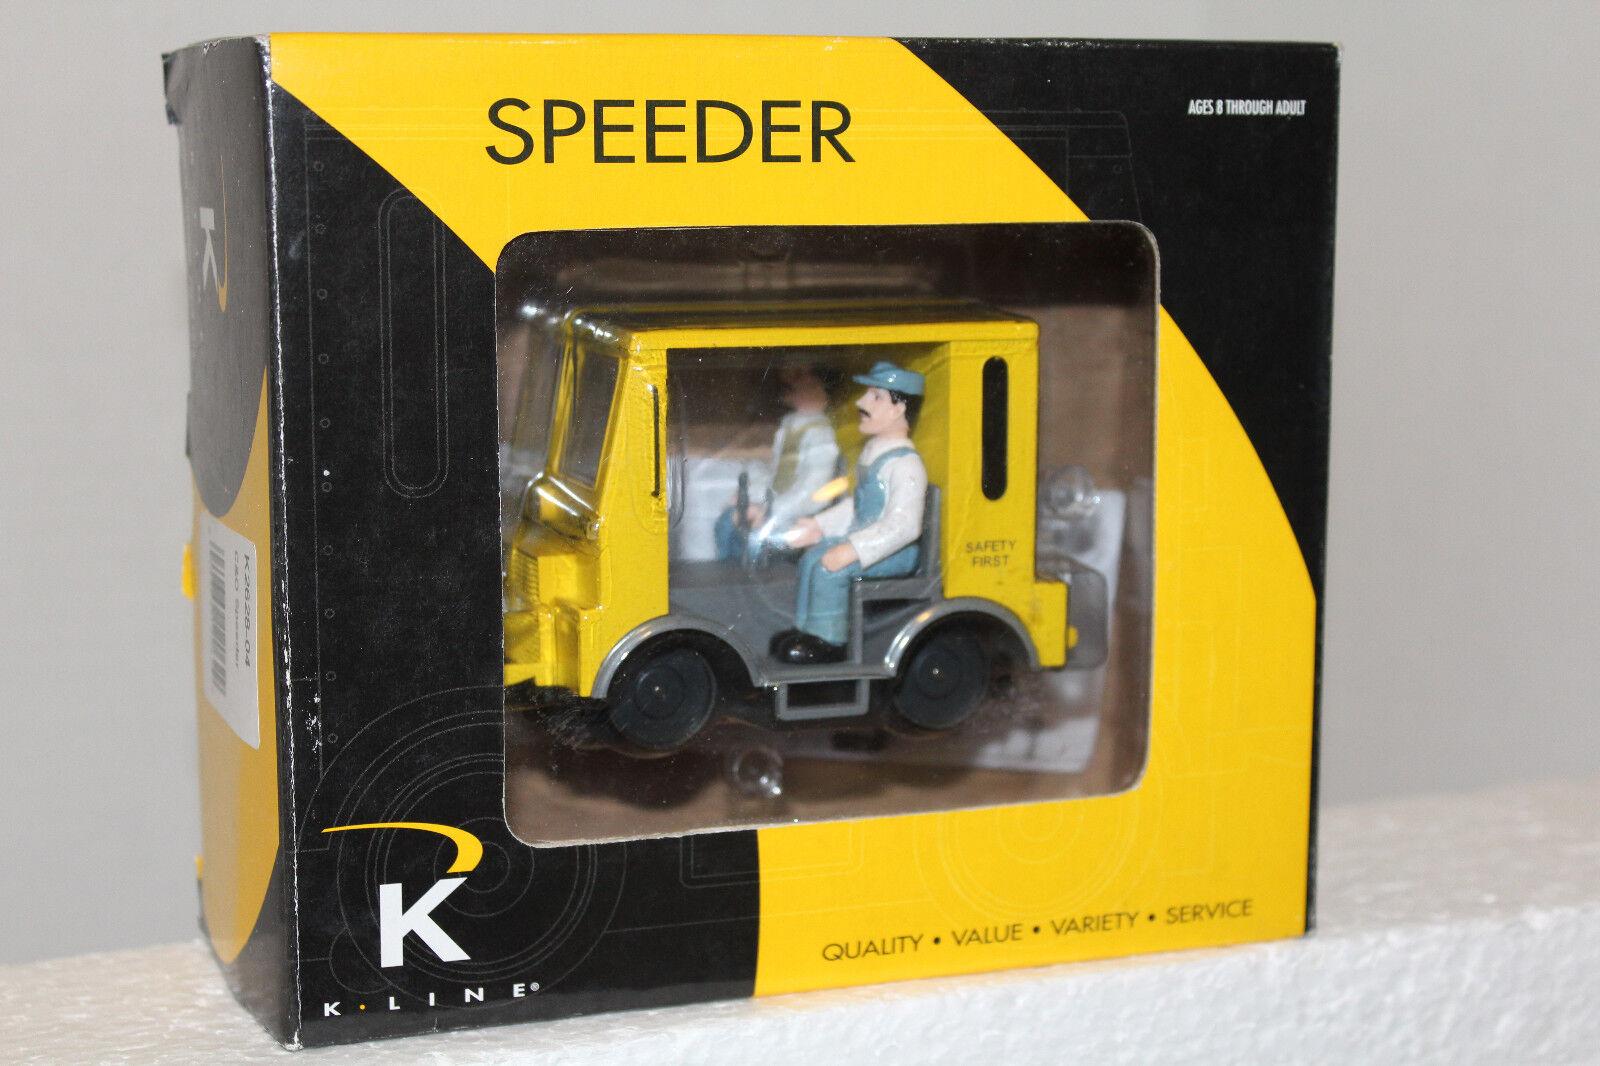 KLINE  K262804 C & O SPEEDER